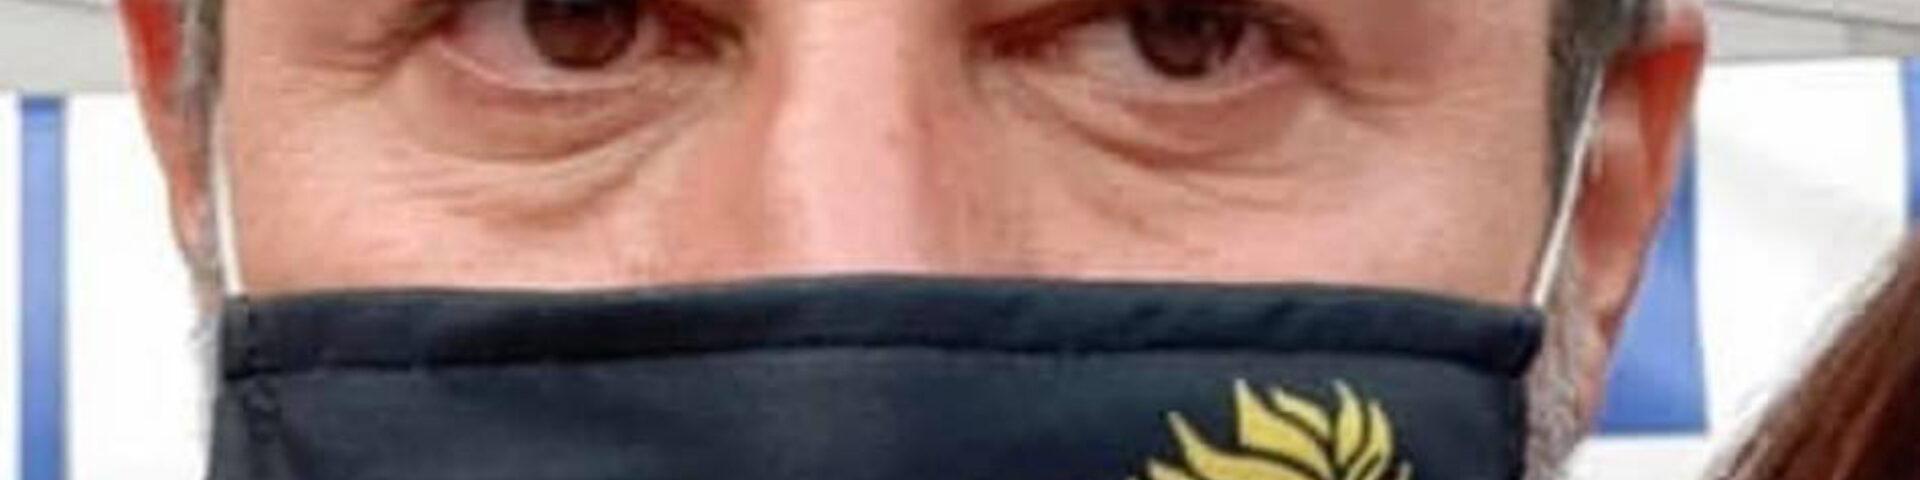 Covid, anche Matteo Salvini si è vaccinato.